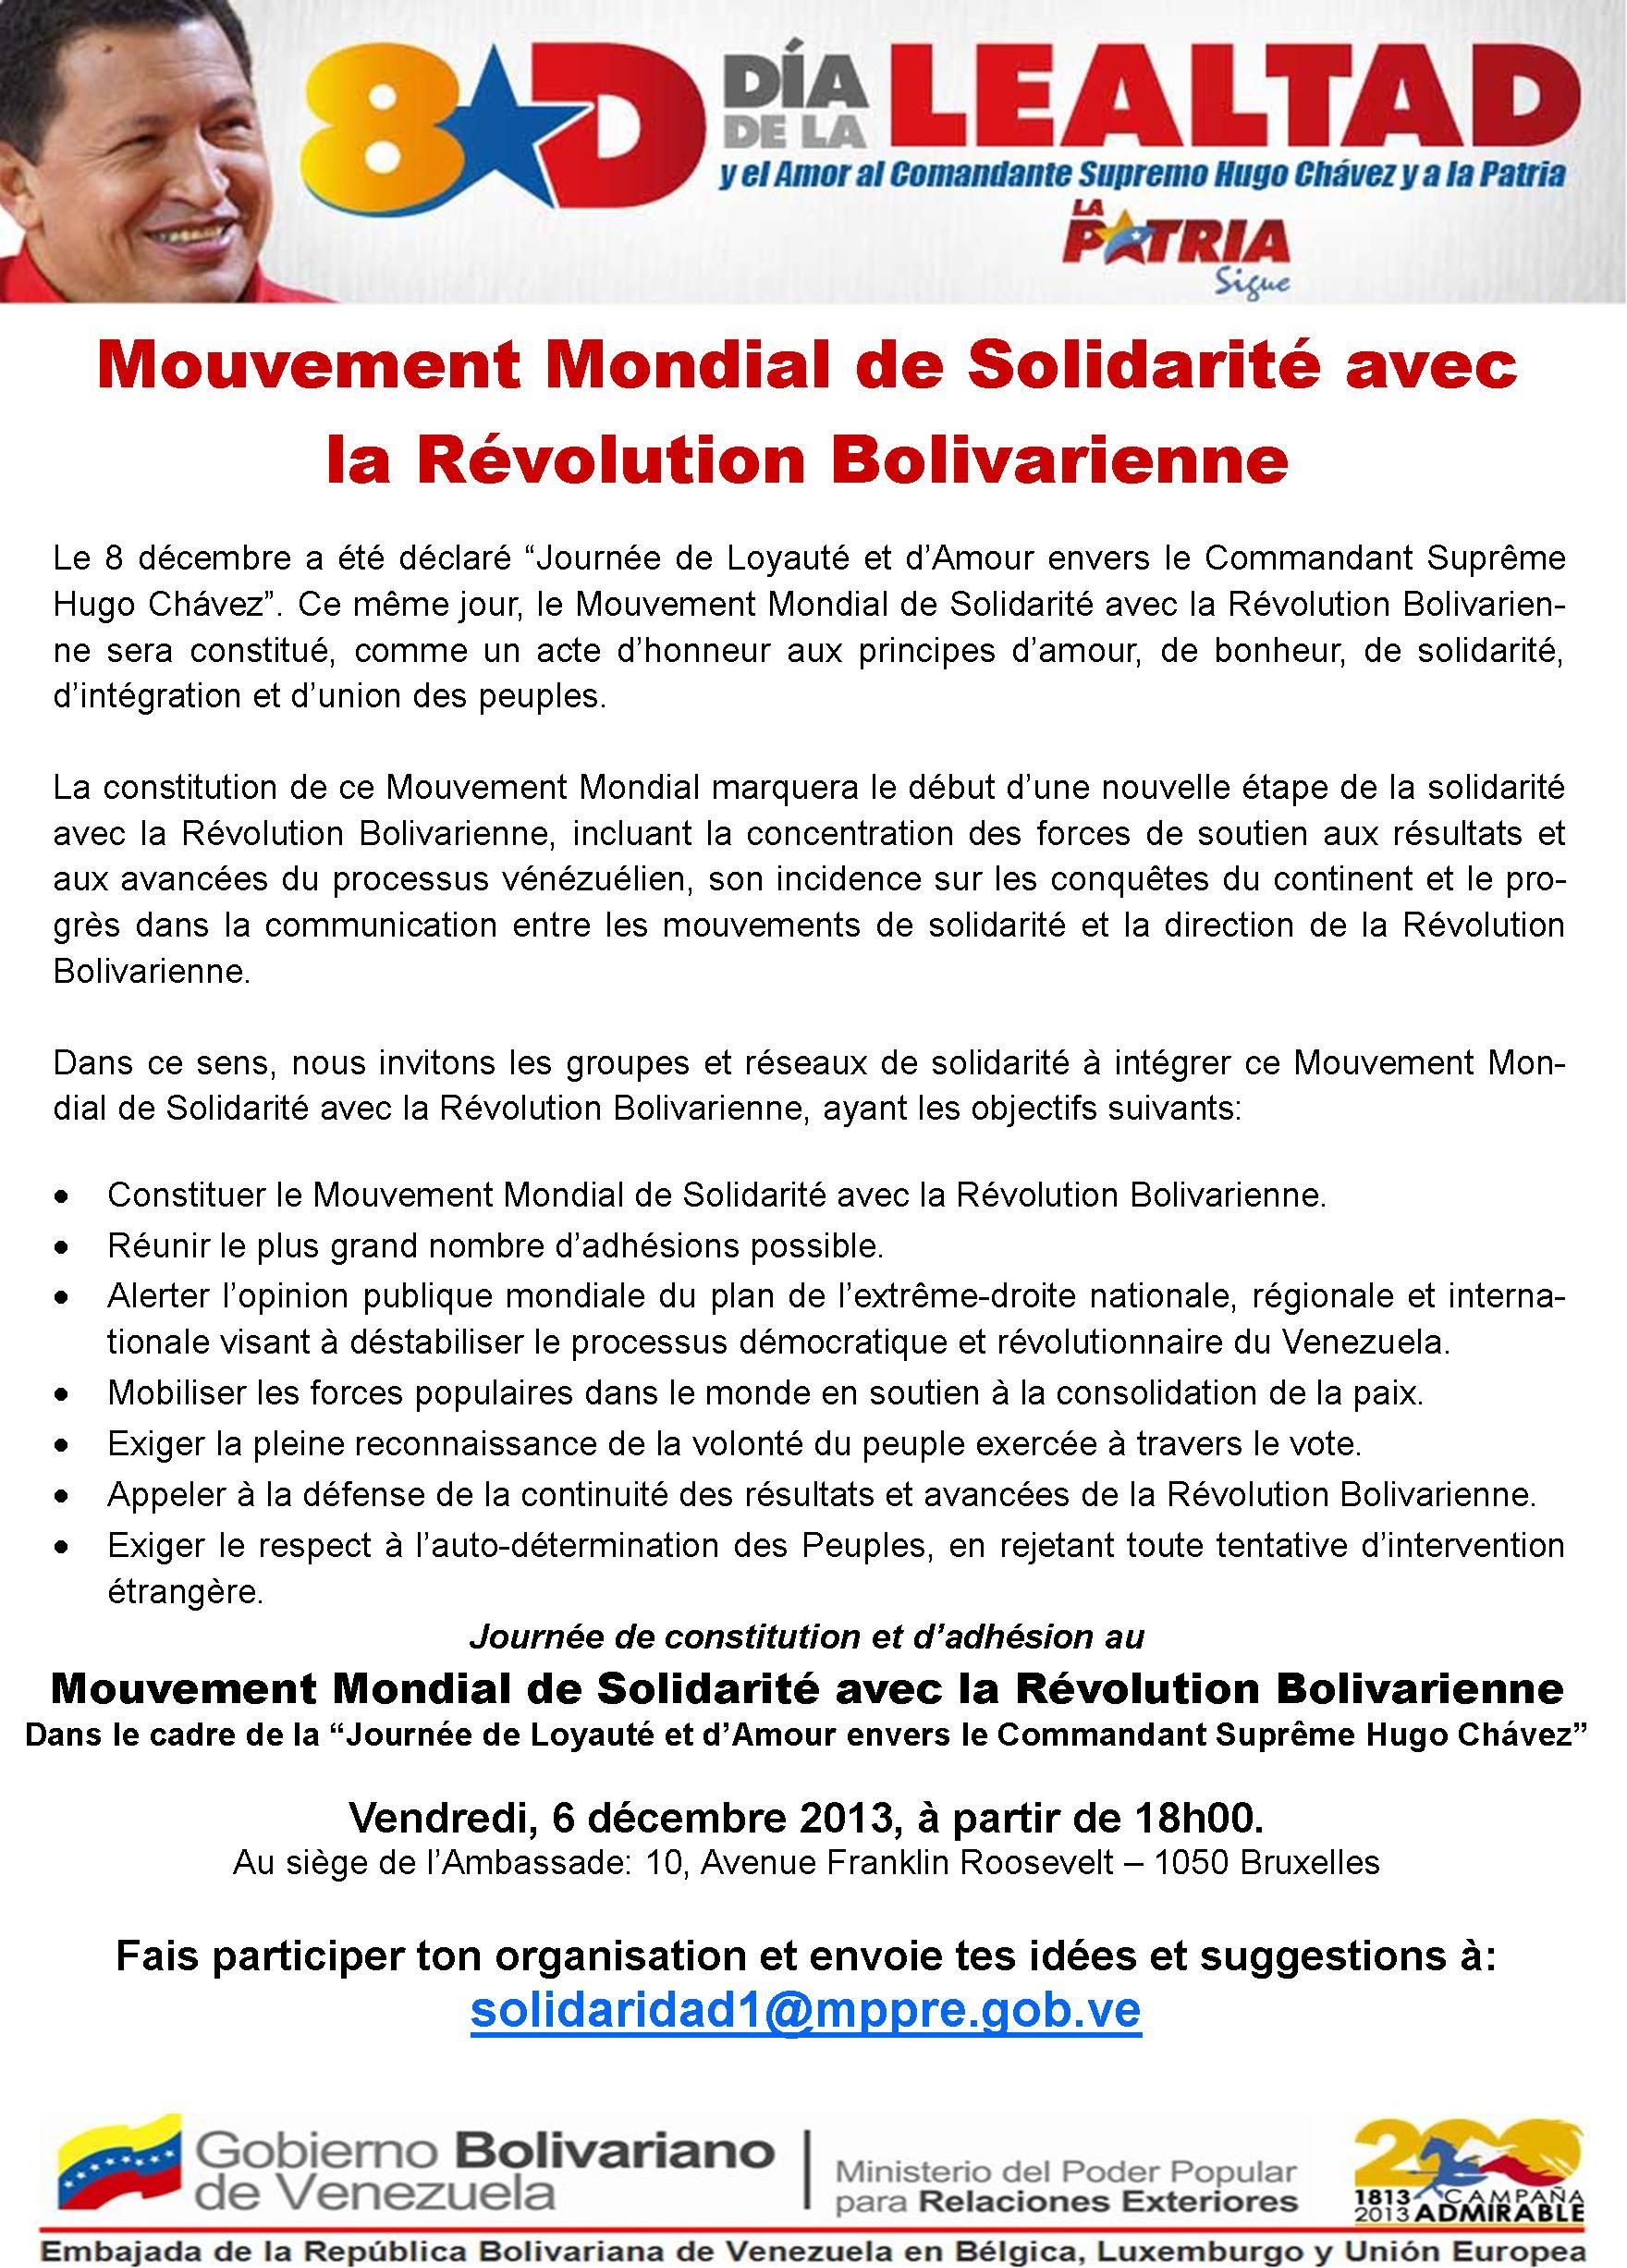 MovimientoMundialSolidaridad2FR.jpg